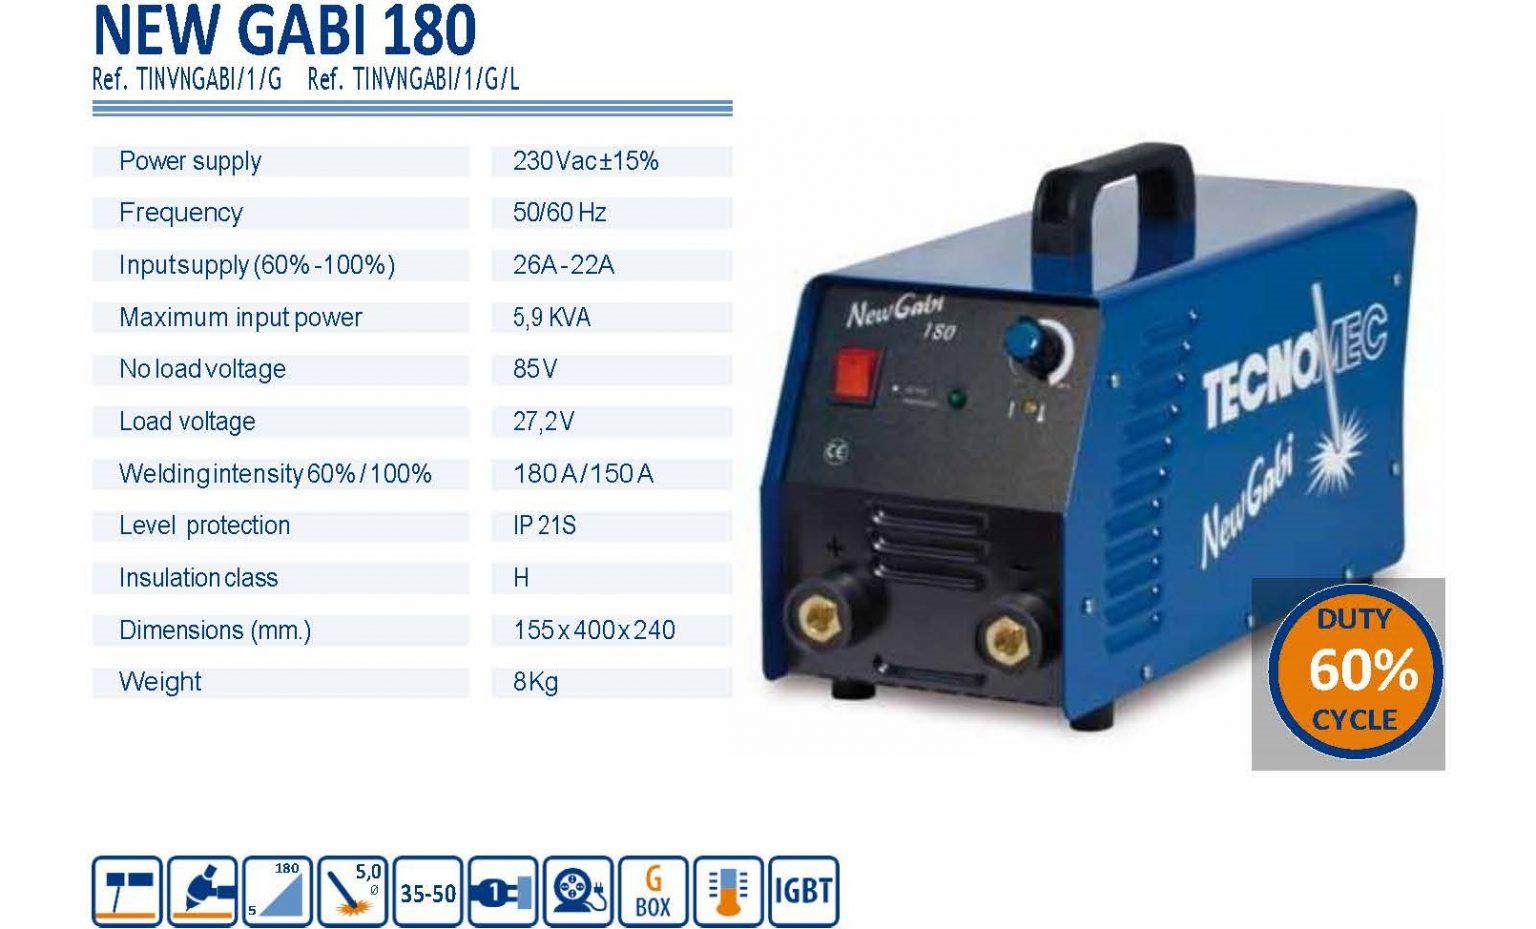 New Gabi 180